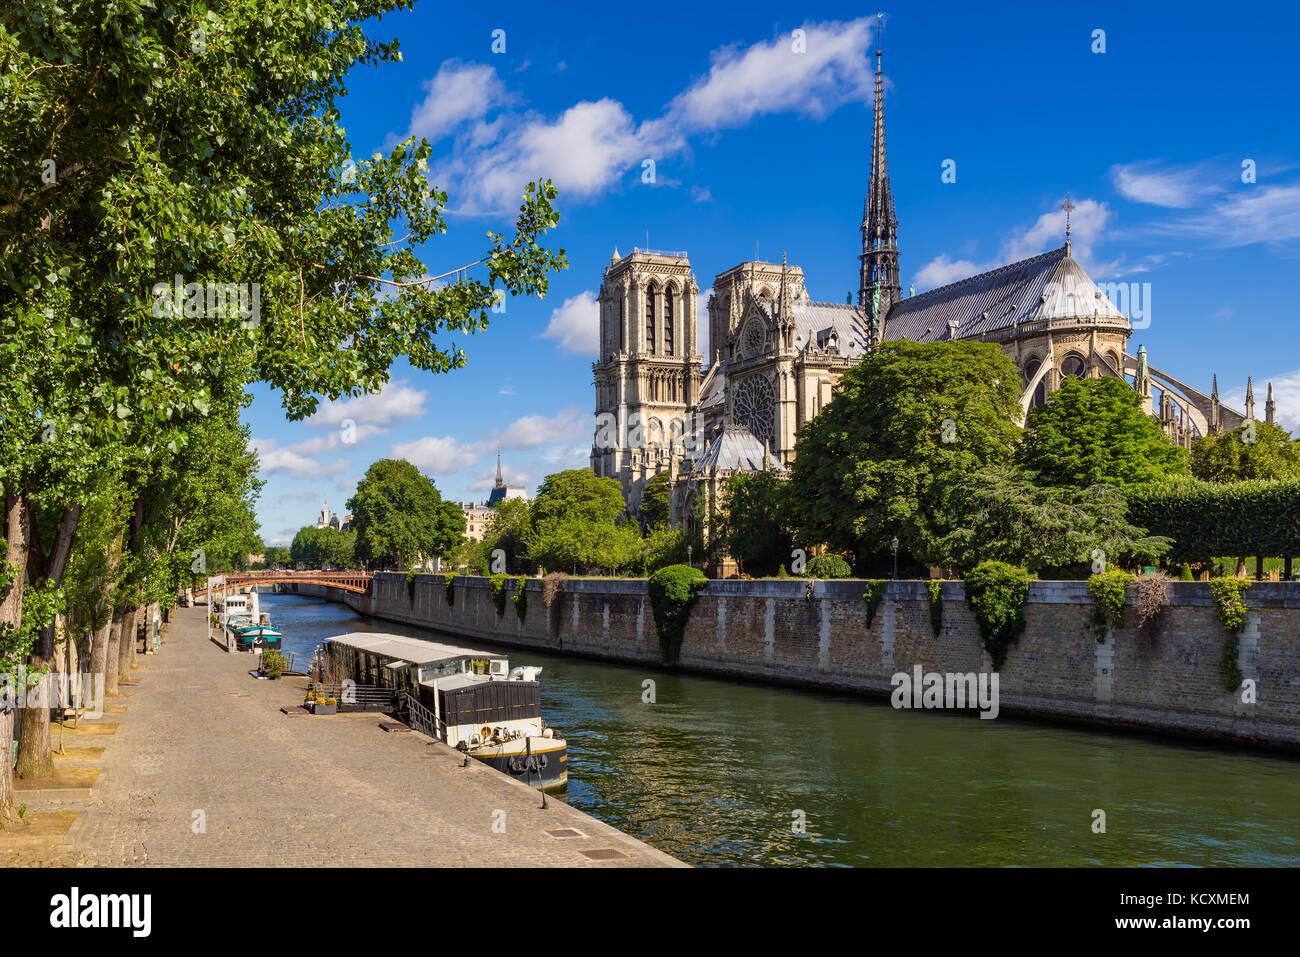 Cattedrale di Notre Dame de Paris con il fiume Senna in estate. Parigi, Francia Immagini Stock